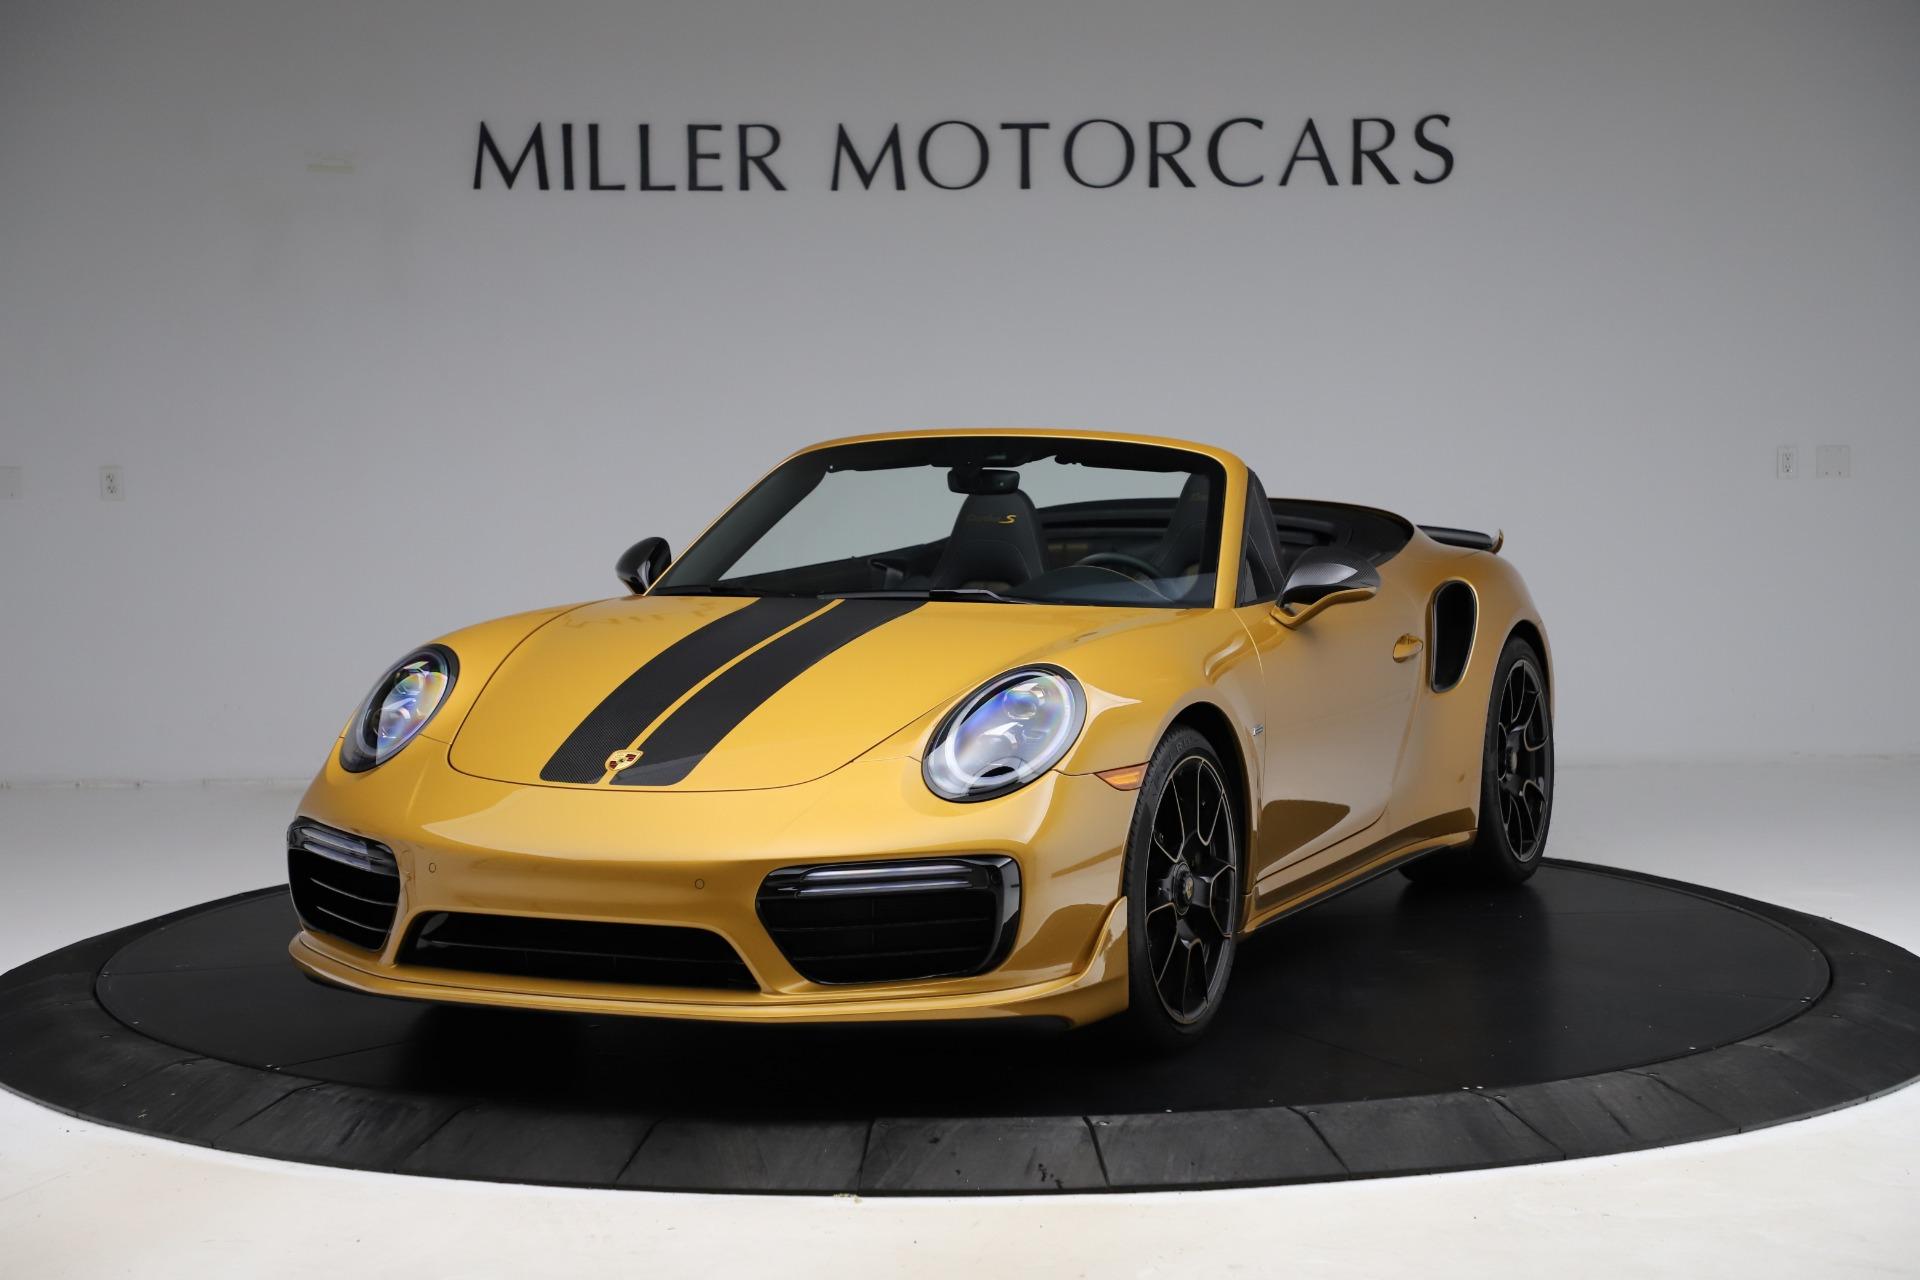 Used 2019 Porsche 911 Turbo S Exclusive for sale $249,900 at Alfa Romeo of Westport in Westport CT 06880 1